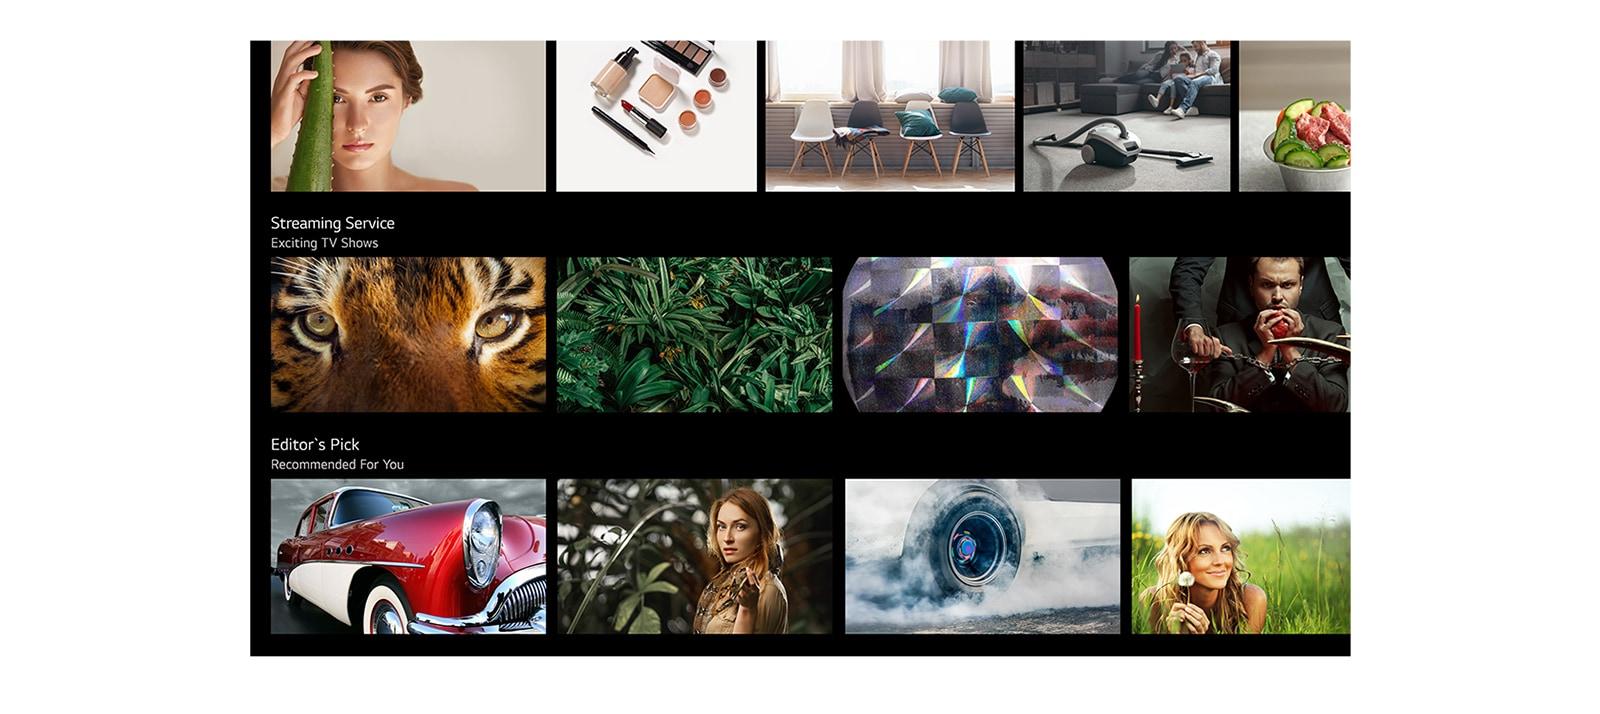 Una pantalla de TV que muestra varios contenidos indicados y recomendados por LG ThinQ AI